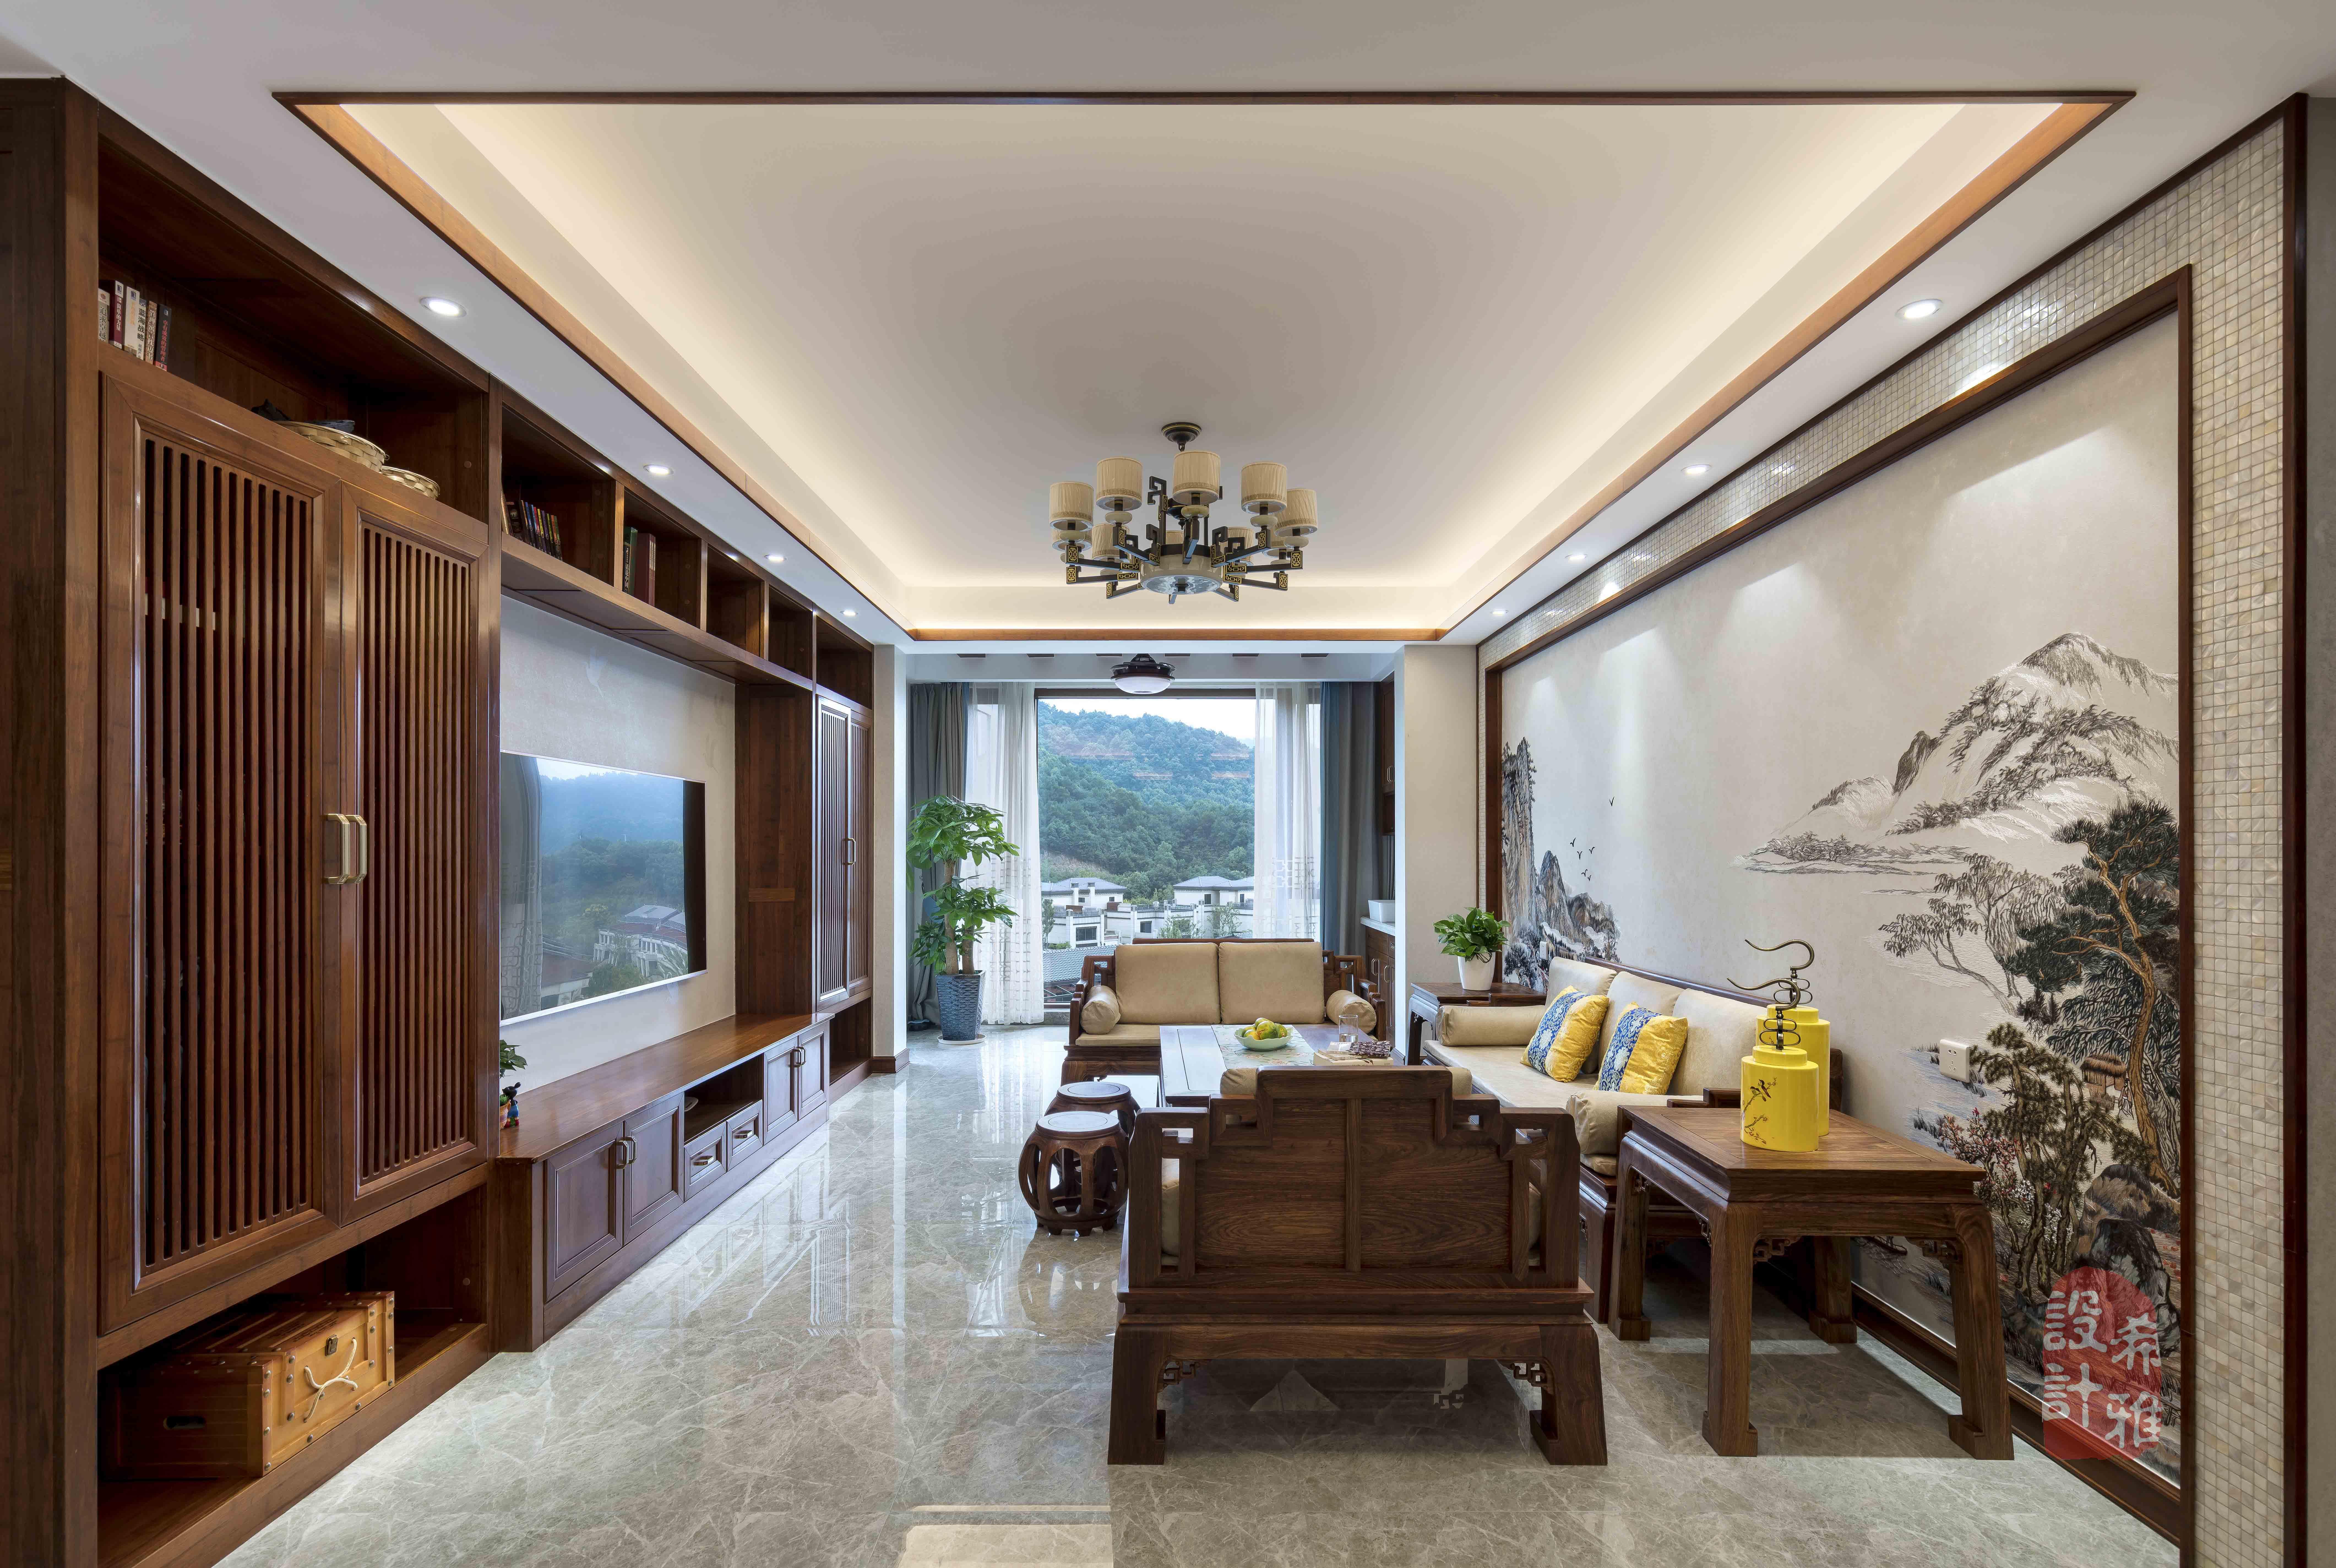 140㎡中式风格客厅装修效果图